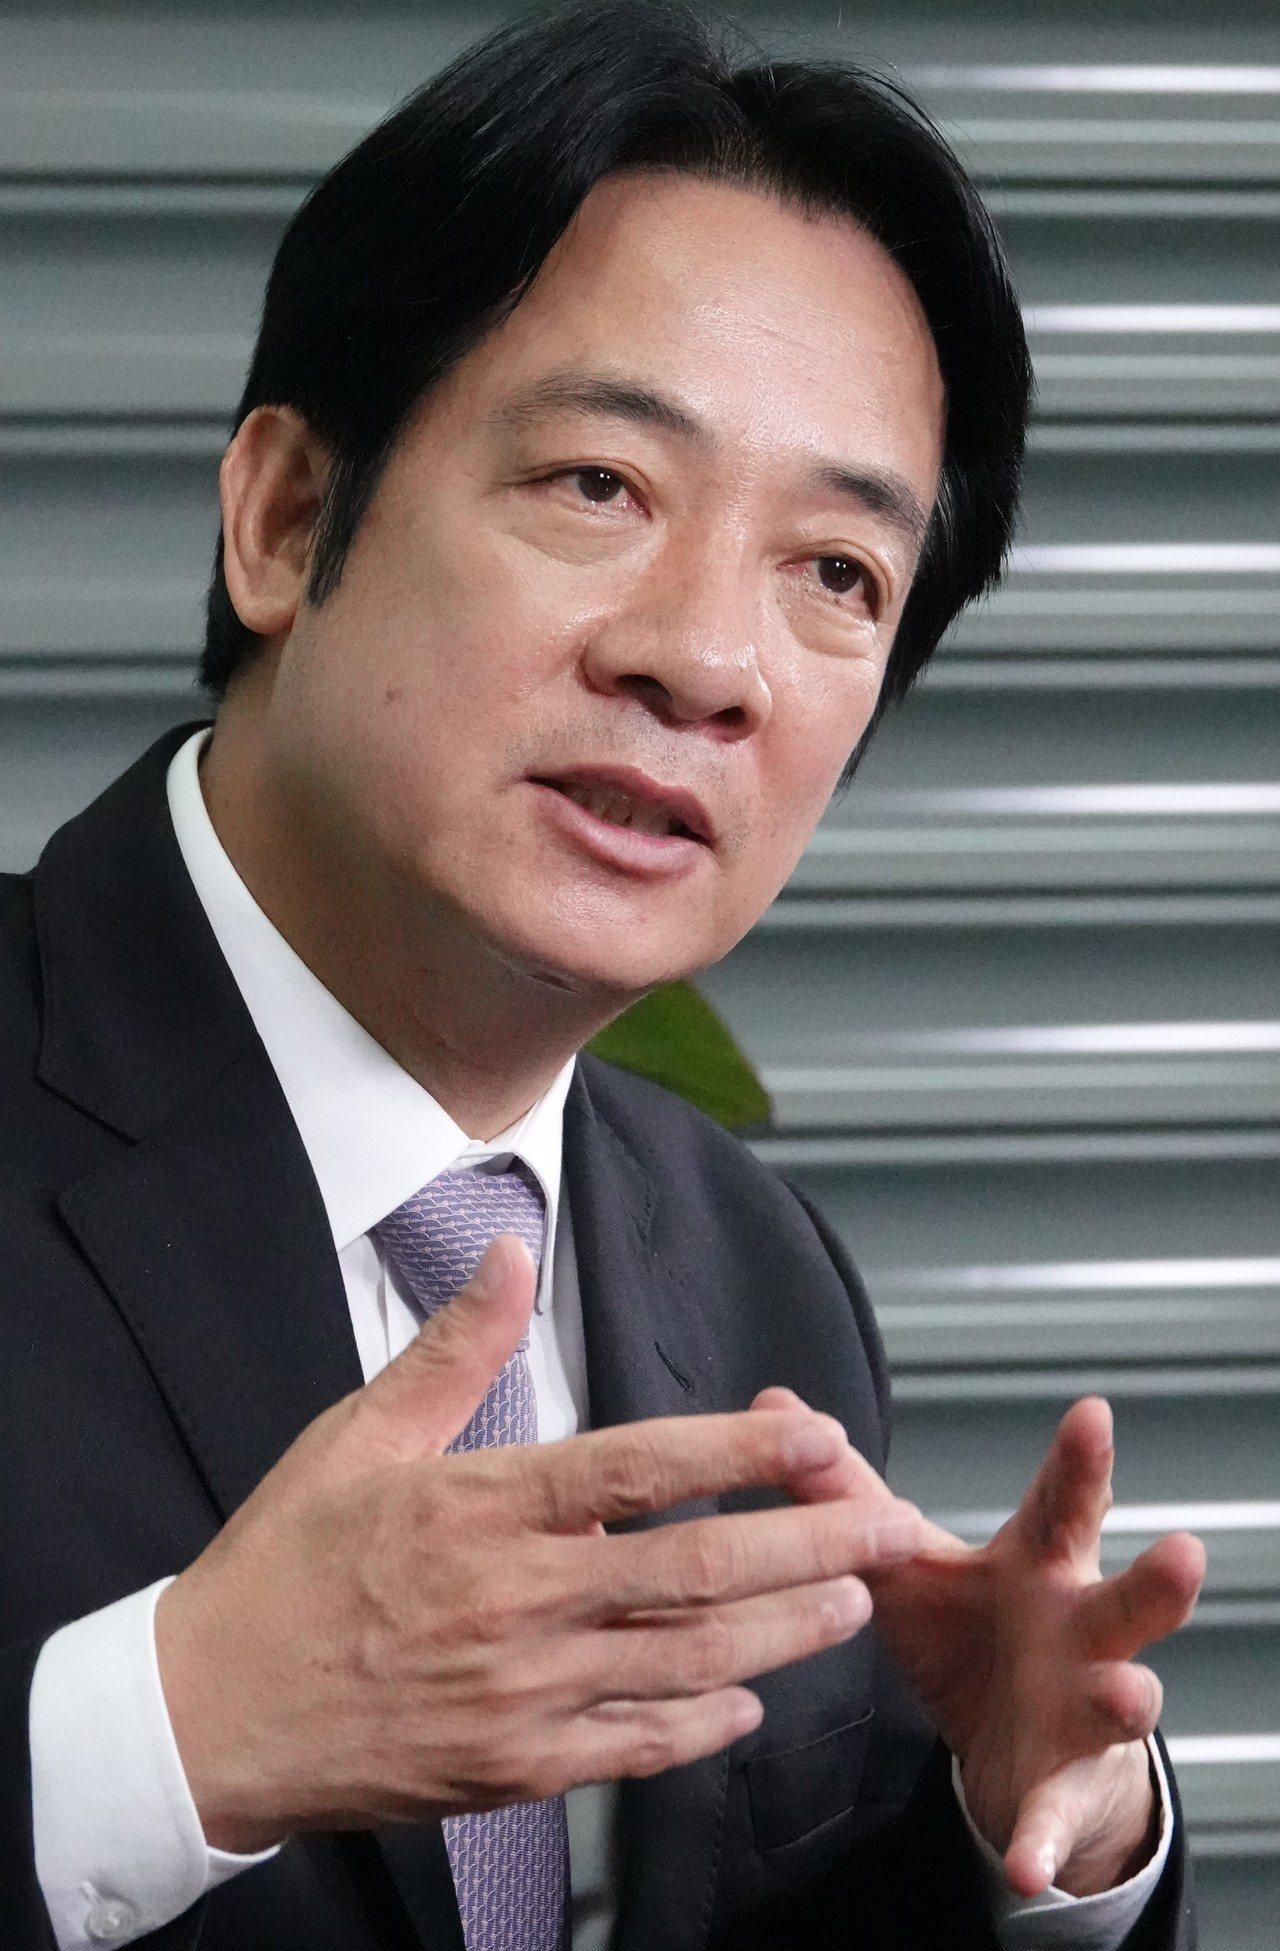 行政院前院長賴清德接受聯合報專訪。記者陳正興/攝影